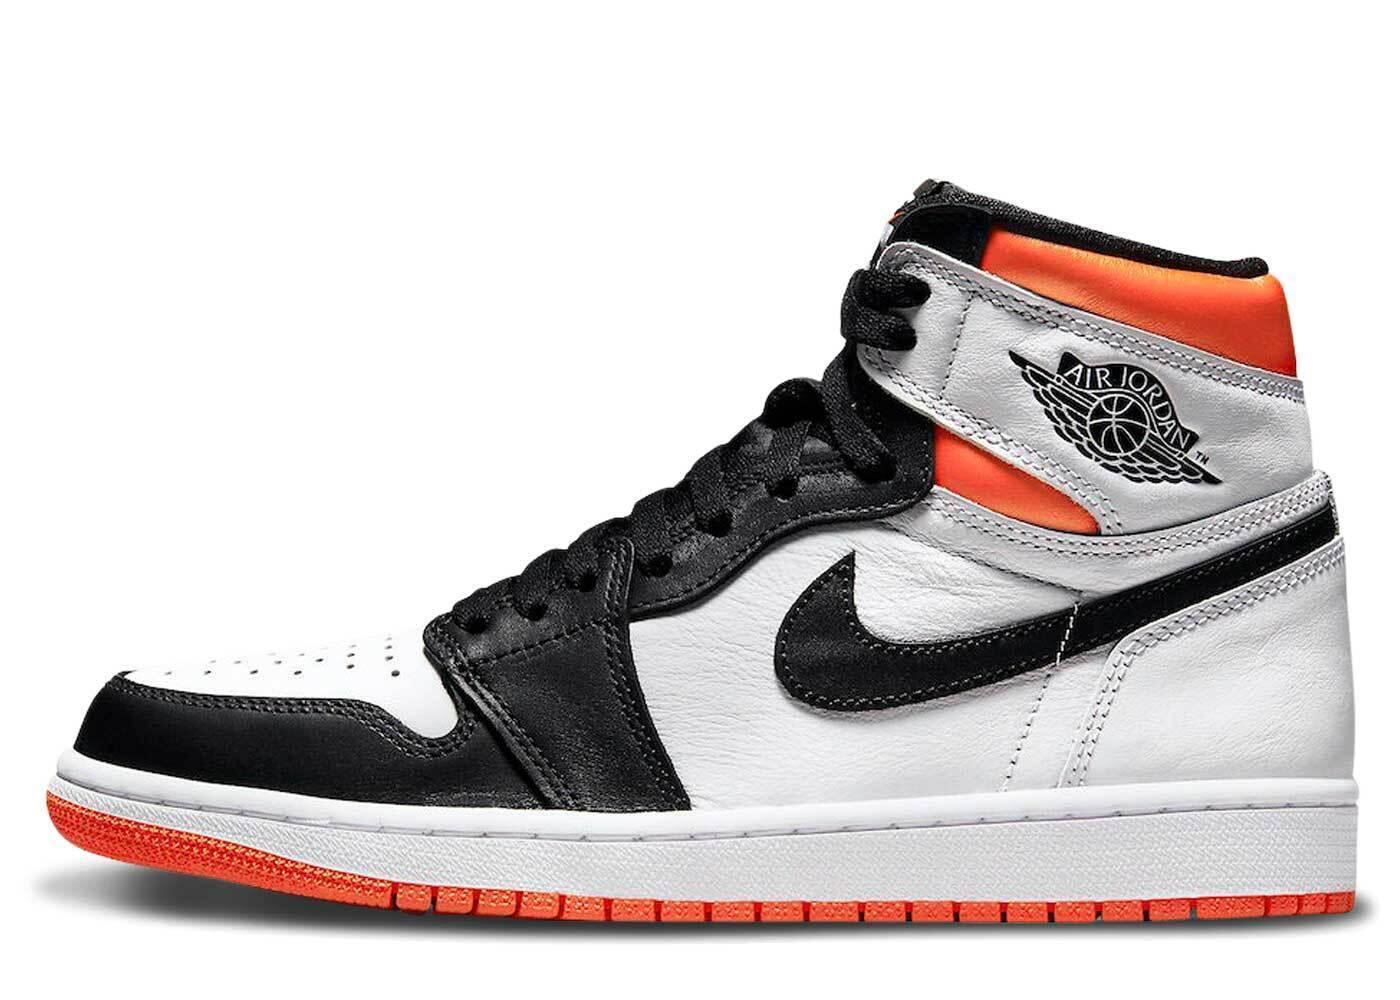 Nike Air Jordan 1 High Retro OG Electro Orangeの写真